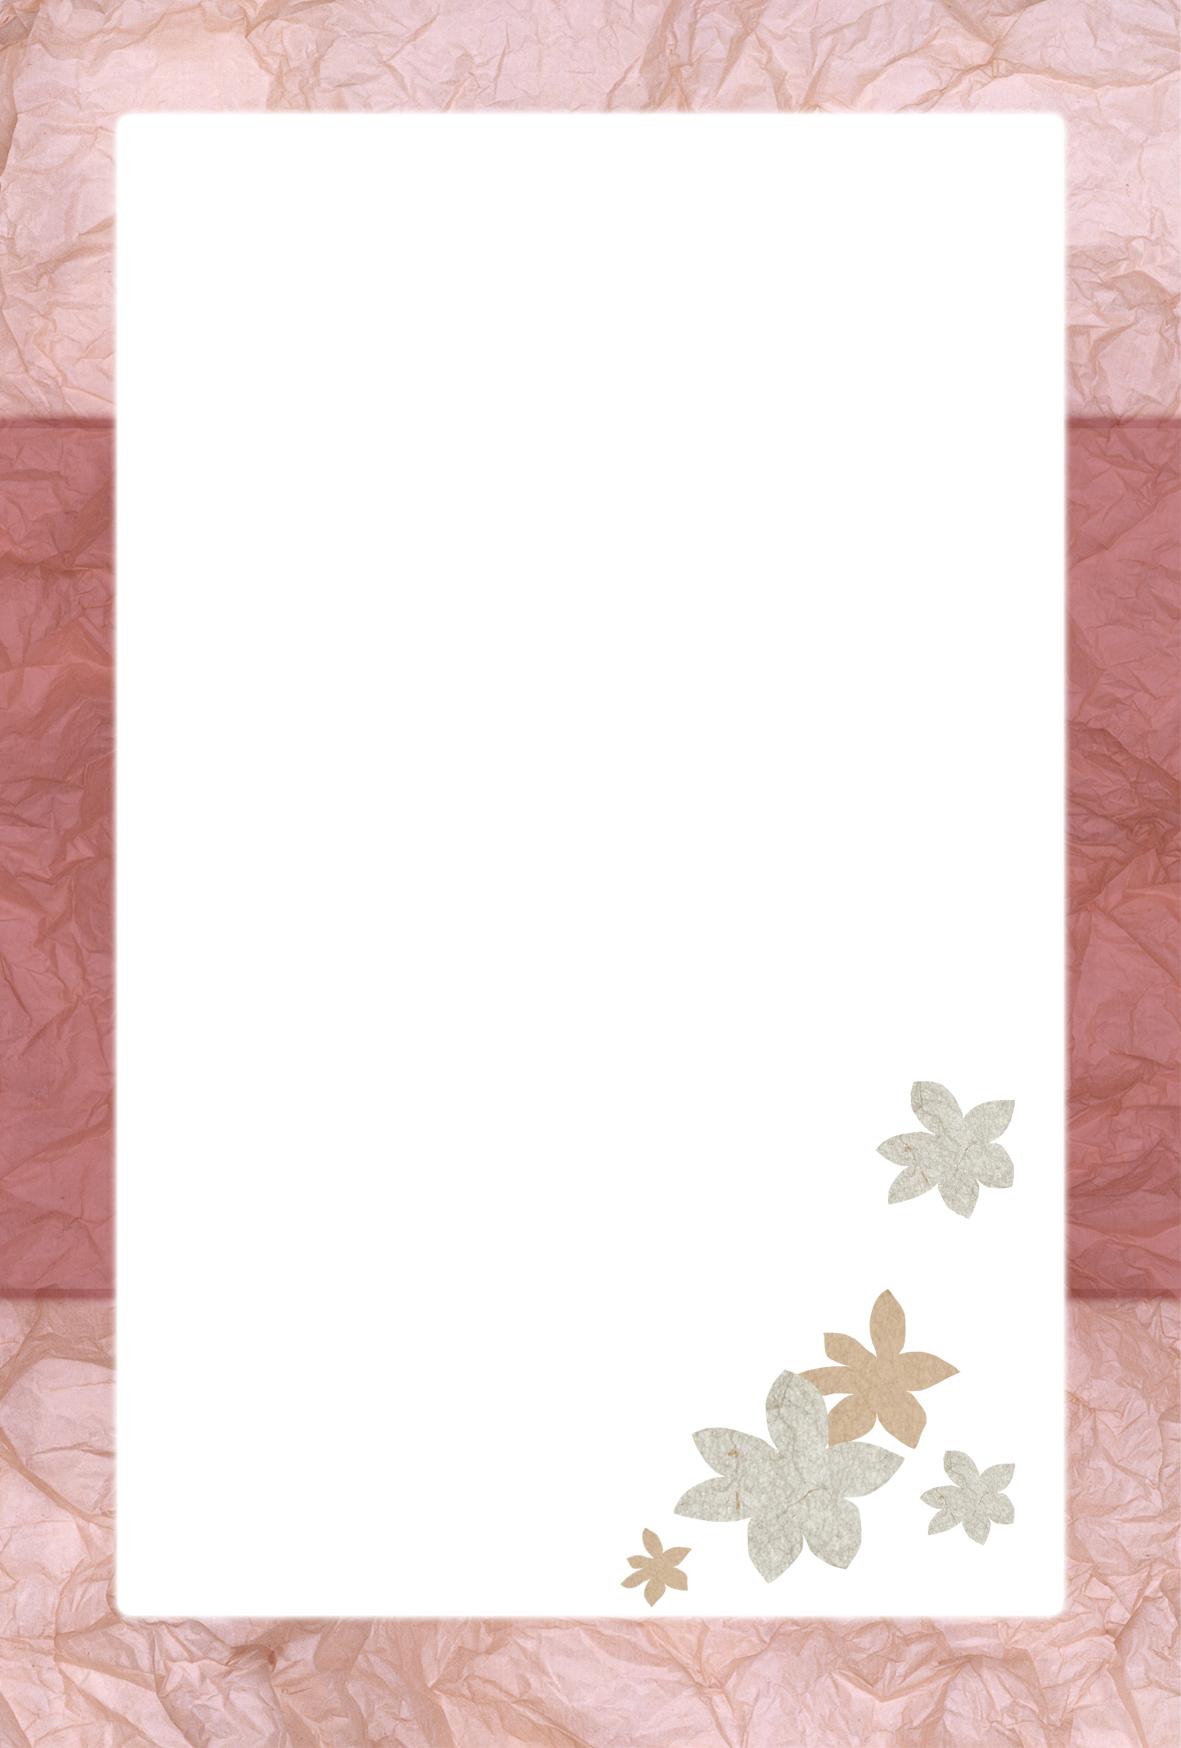 メッセージカード027